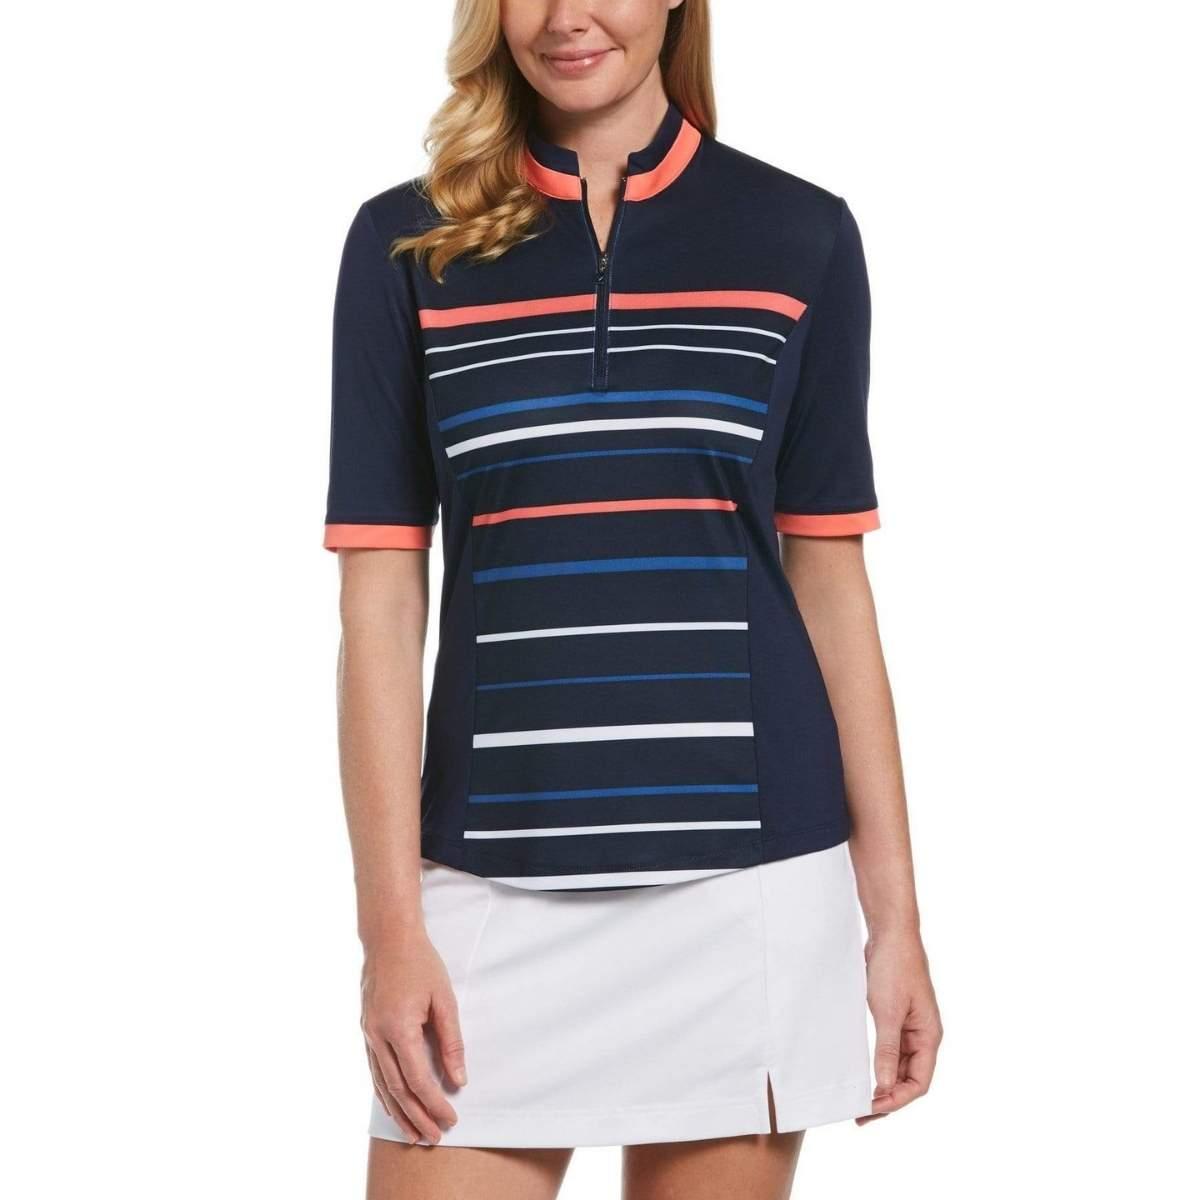 Callaway Women's Striped Print 1/2 Sleeve Golf Shirt